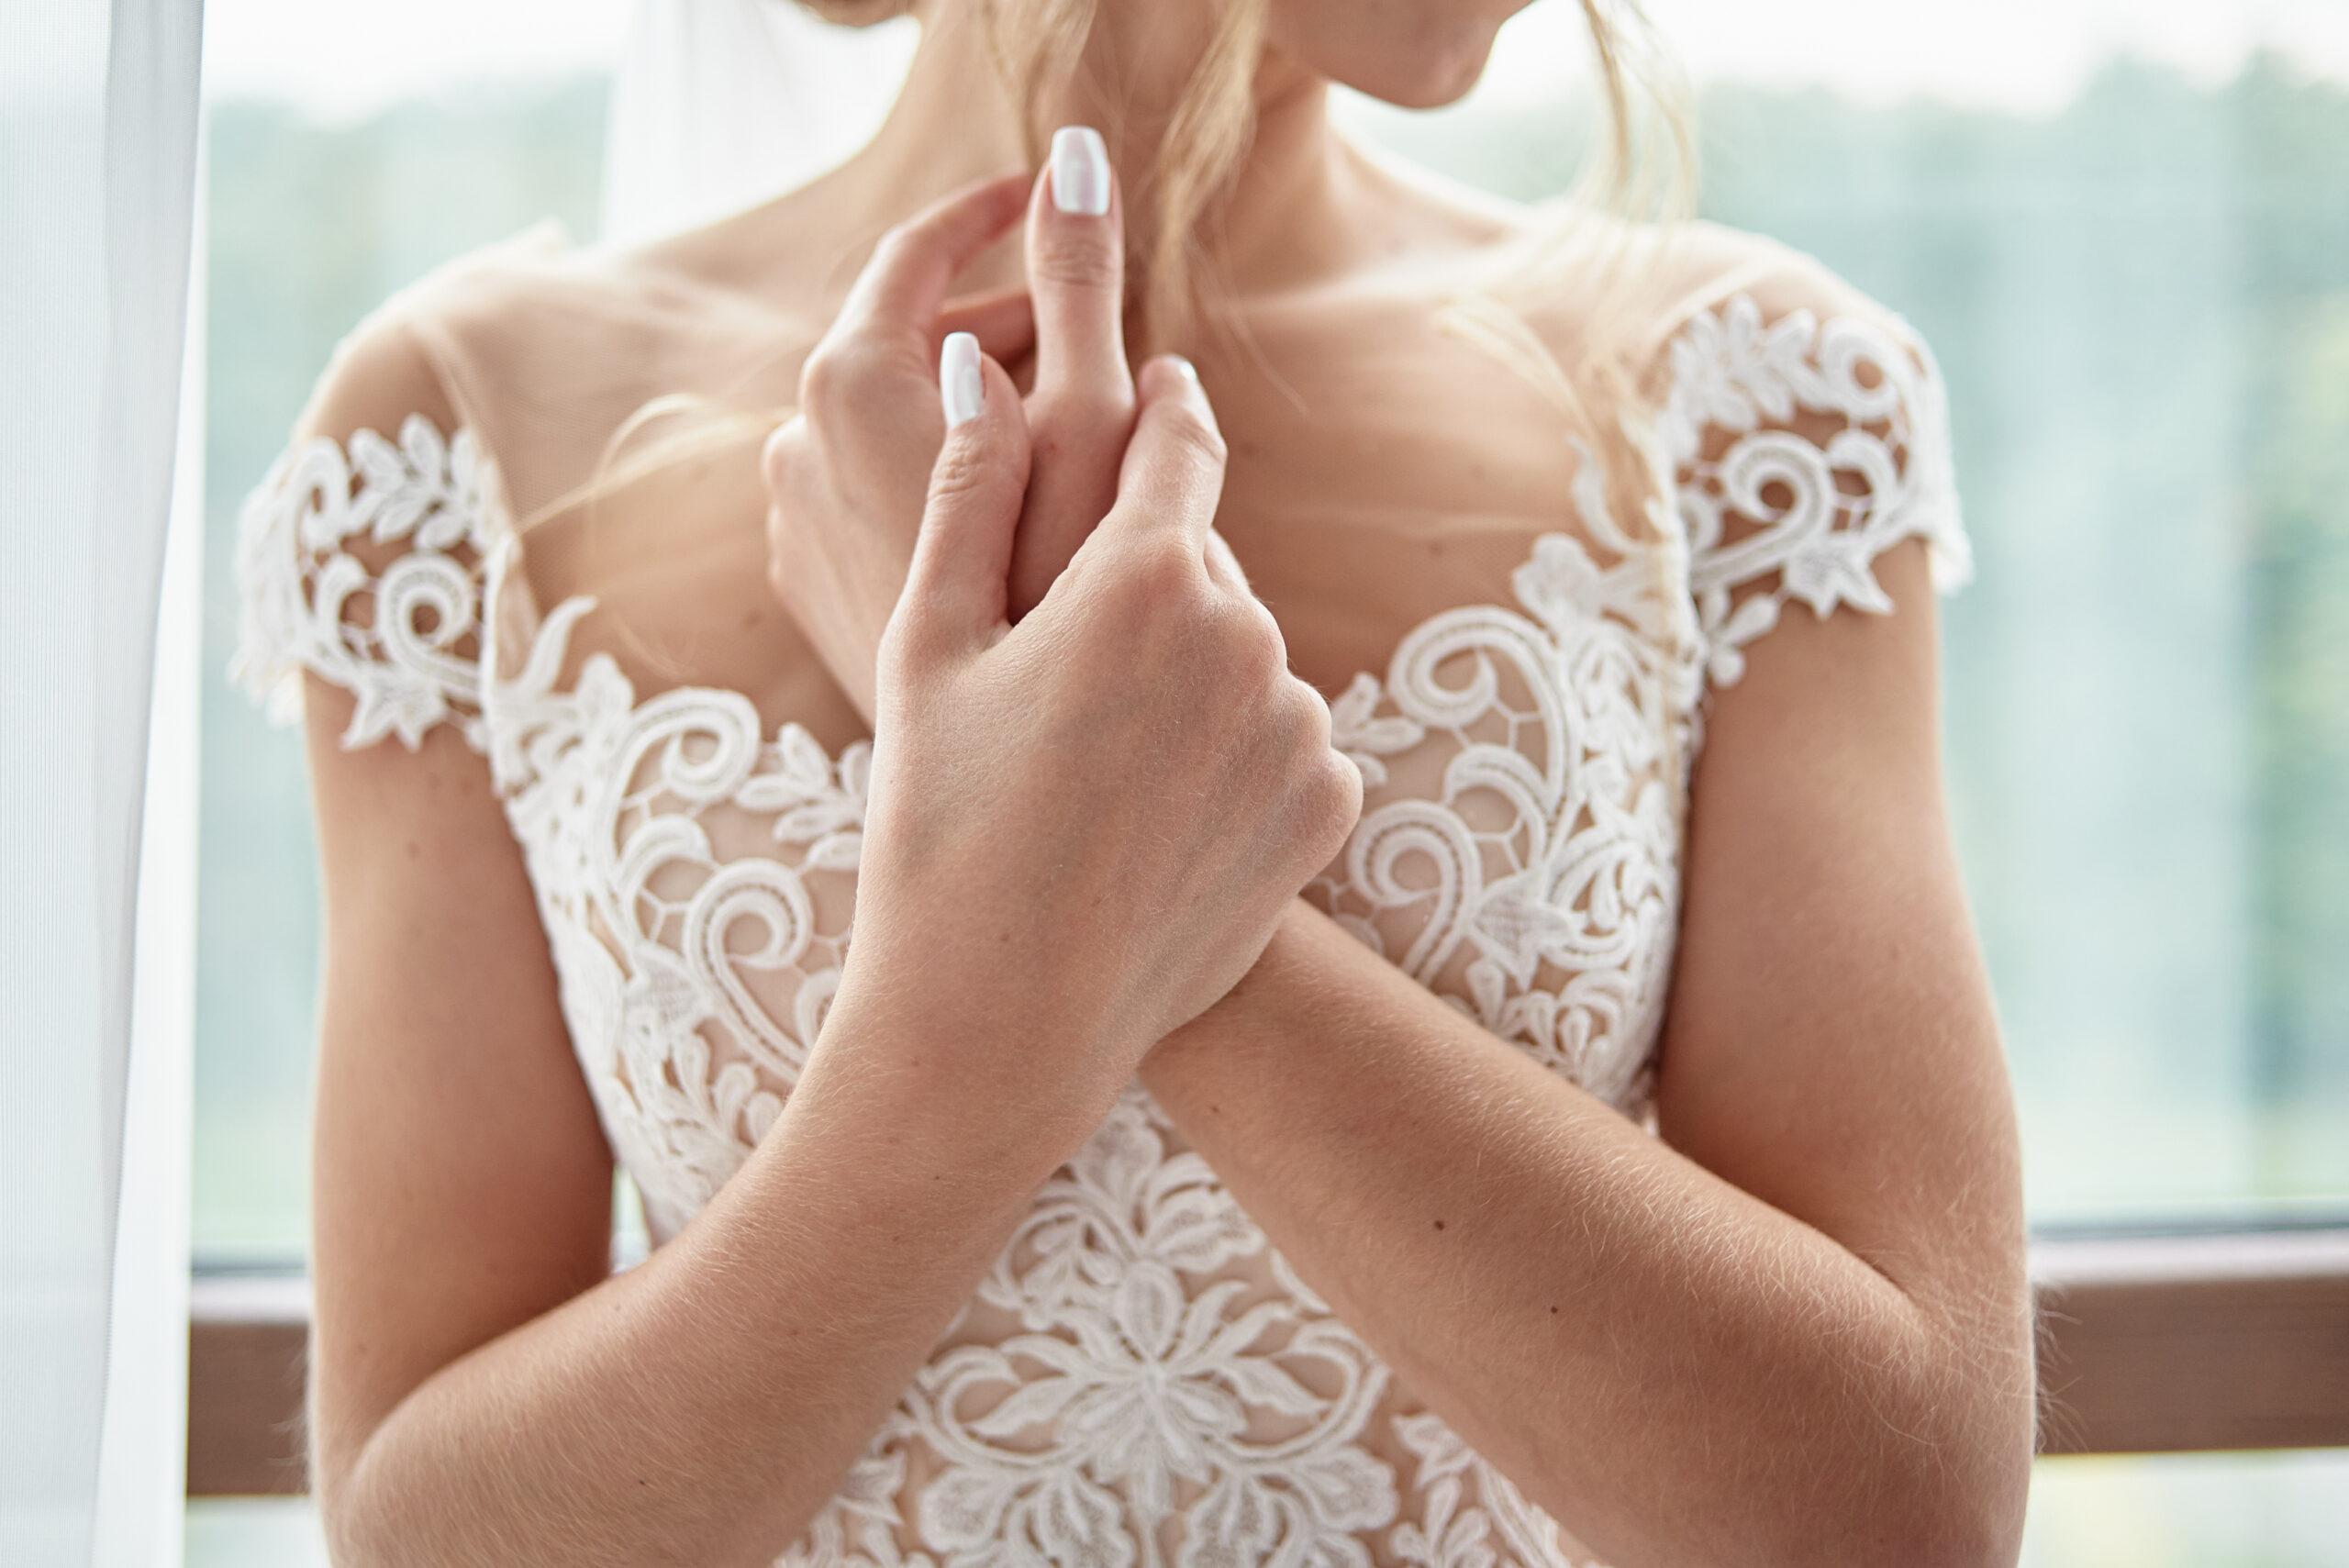 klasyczne paznokcie ślubne w białym kolorze na dłoniach panny młodej